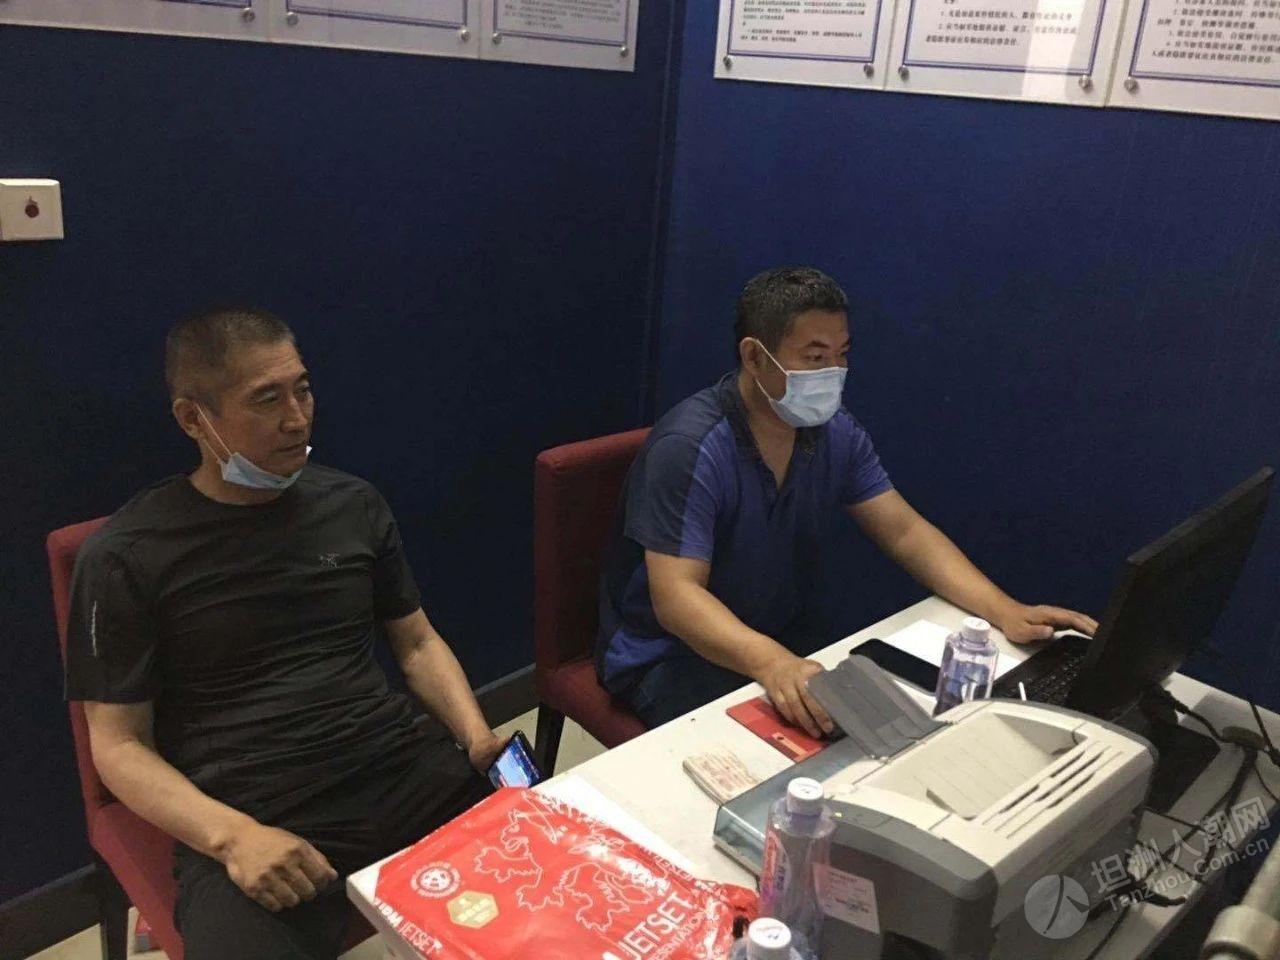 跨境赌 博洗钱犯罪团伙藏身坦洲 警方冻结涉案资金457万元